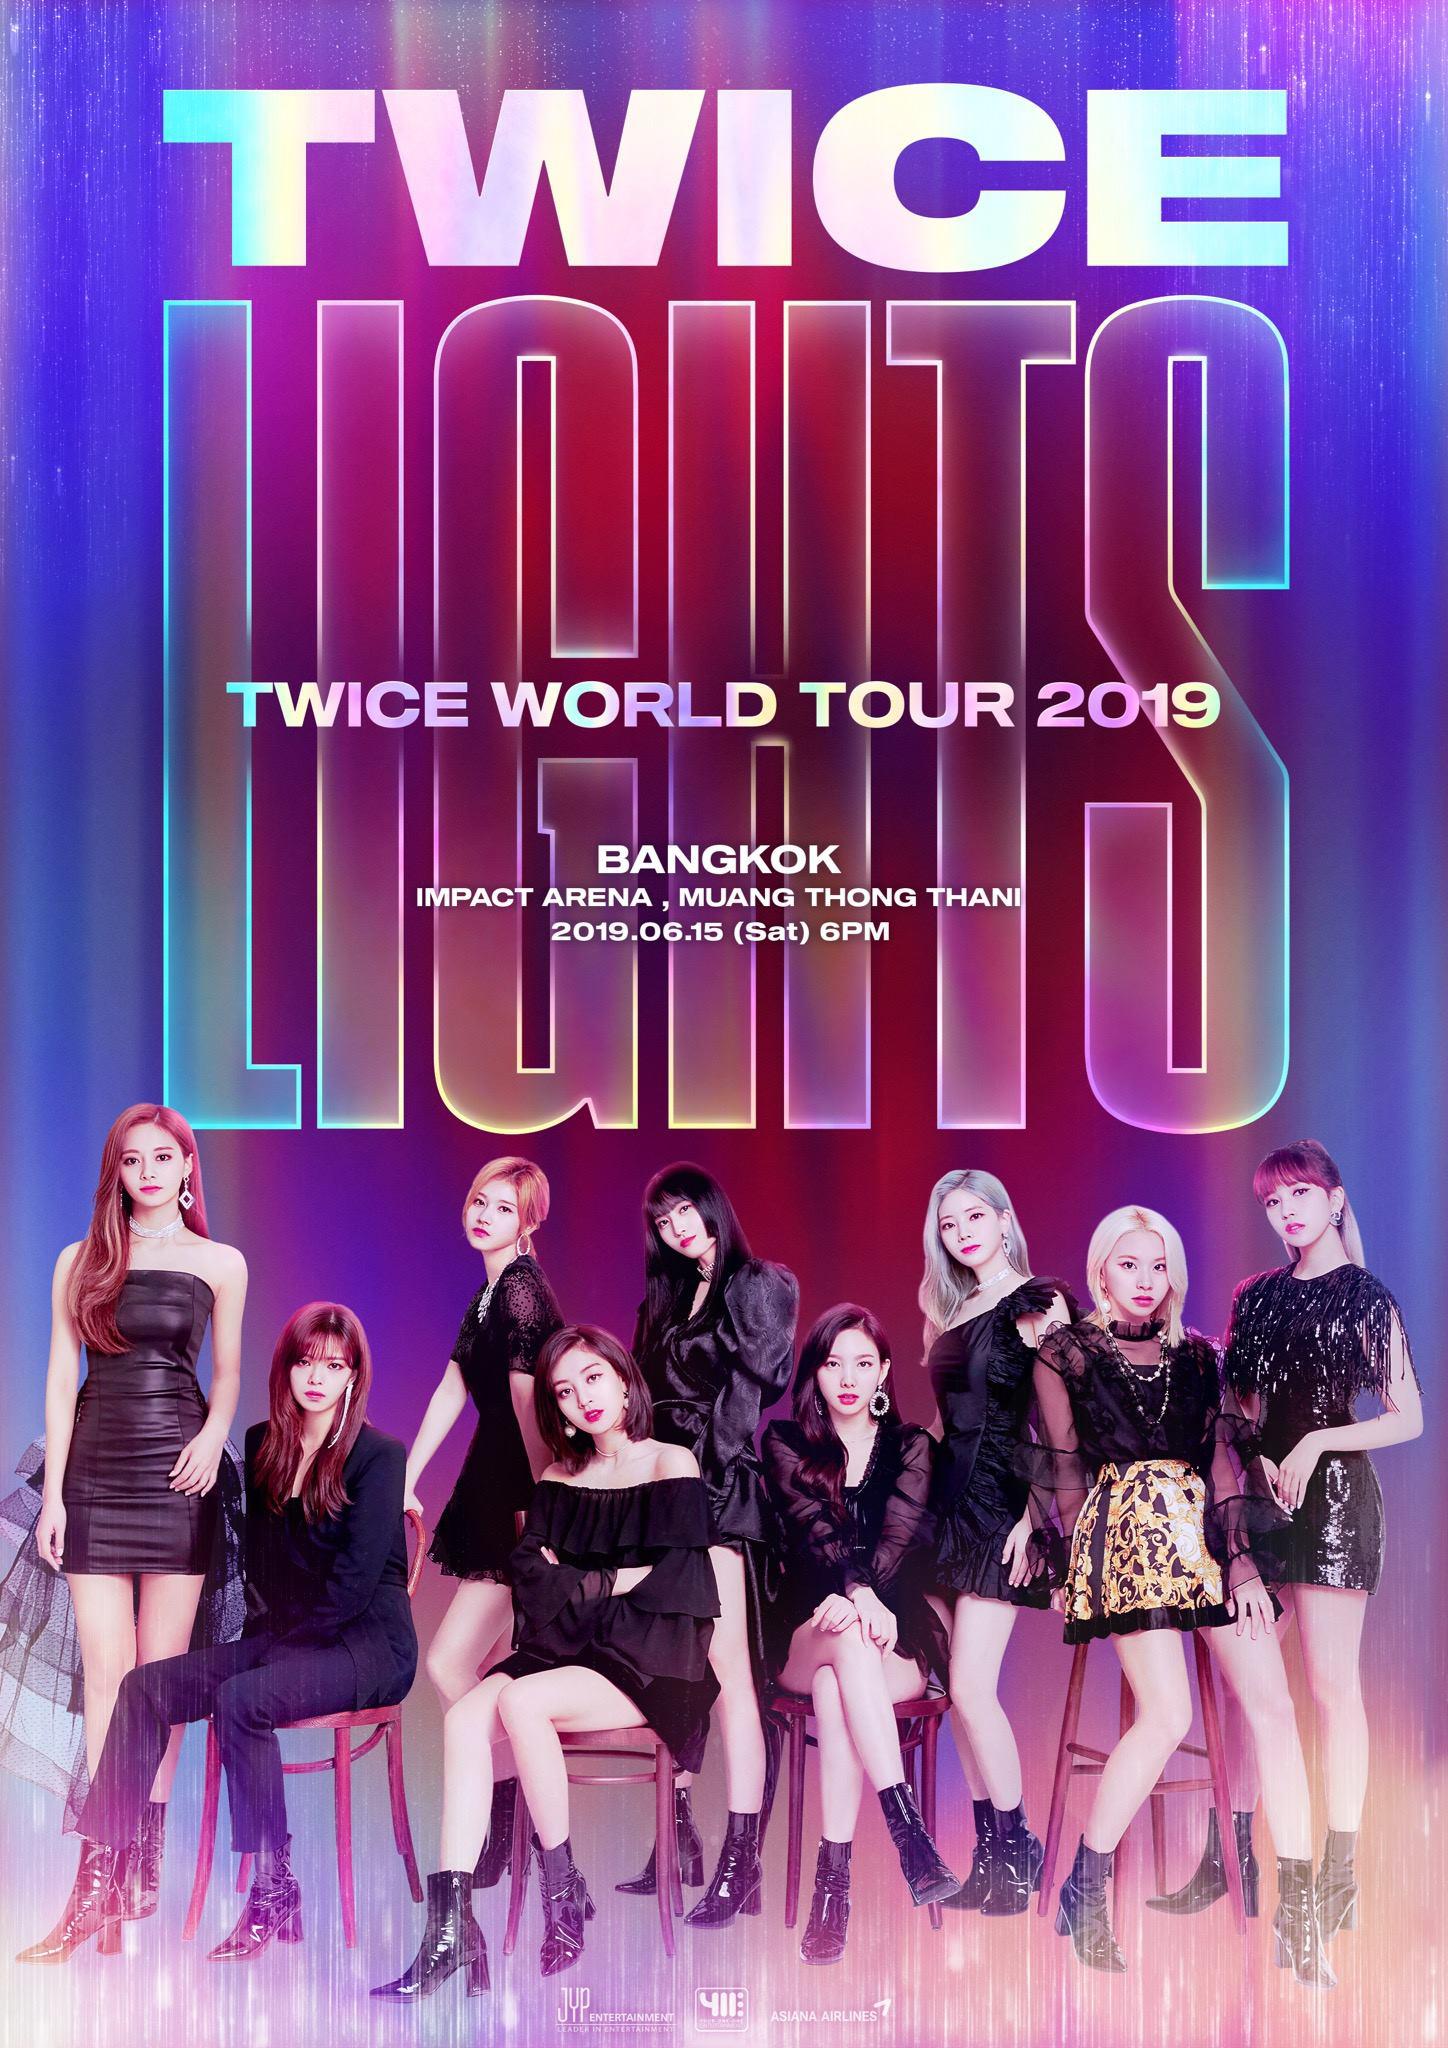 Twice World Tour 2019 Twicelights Kpop Wiki Fandom